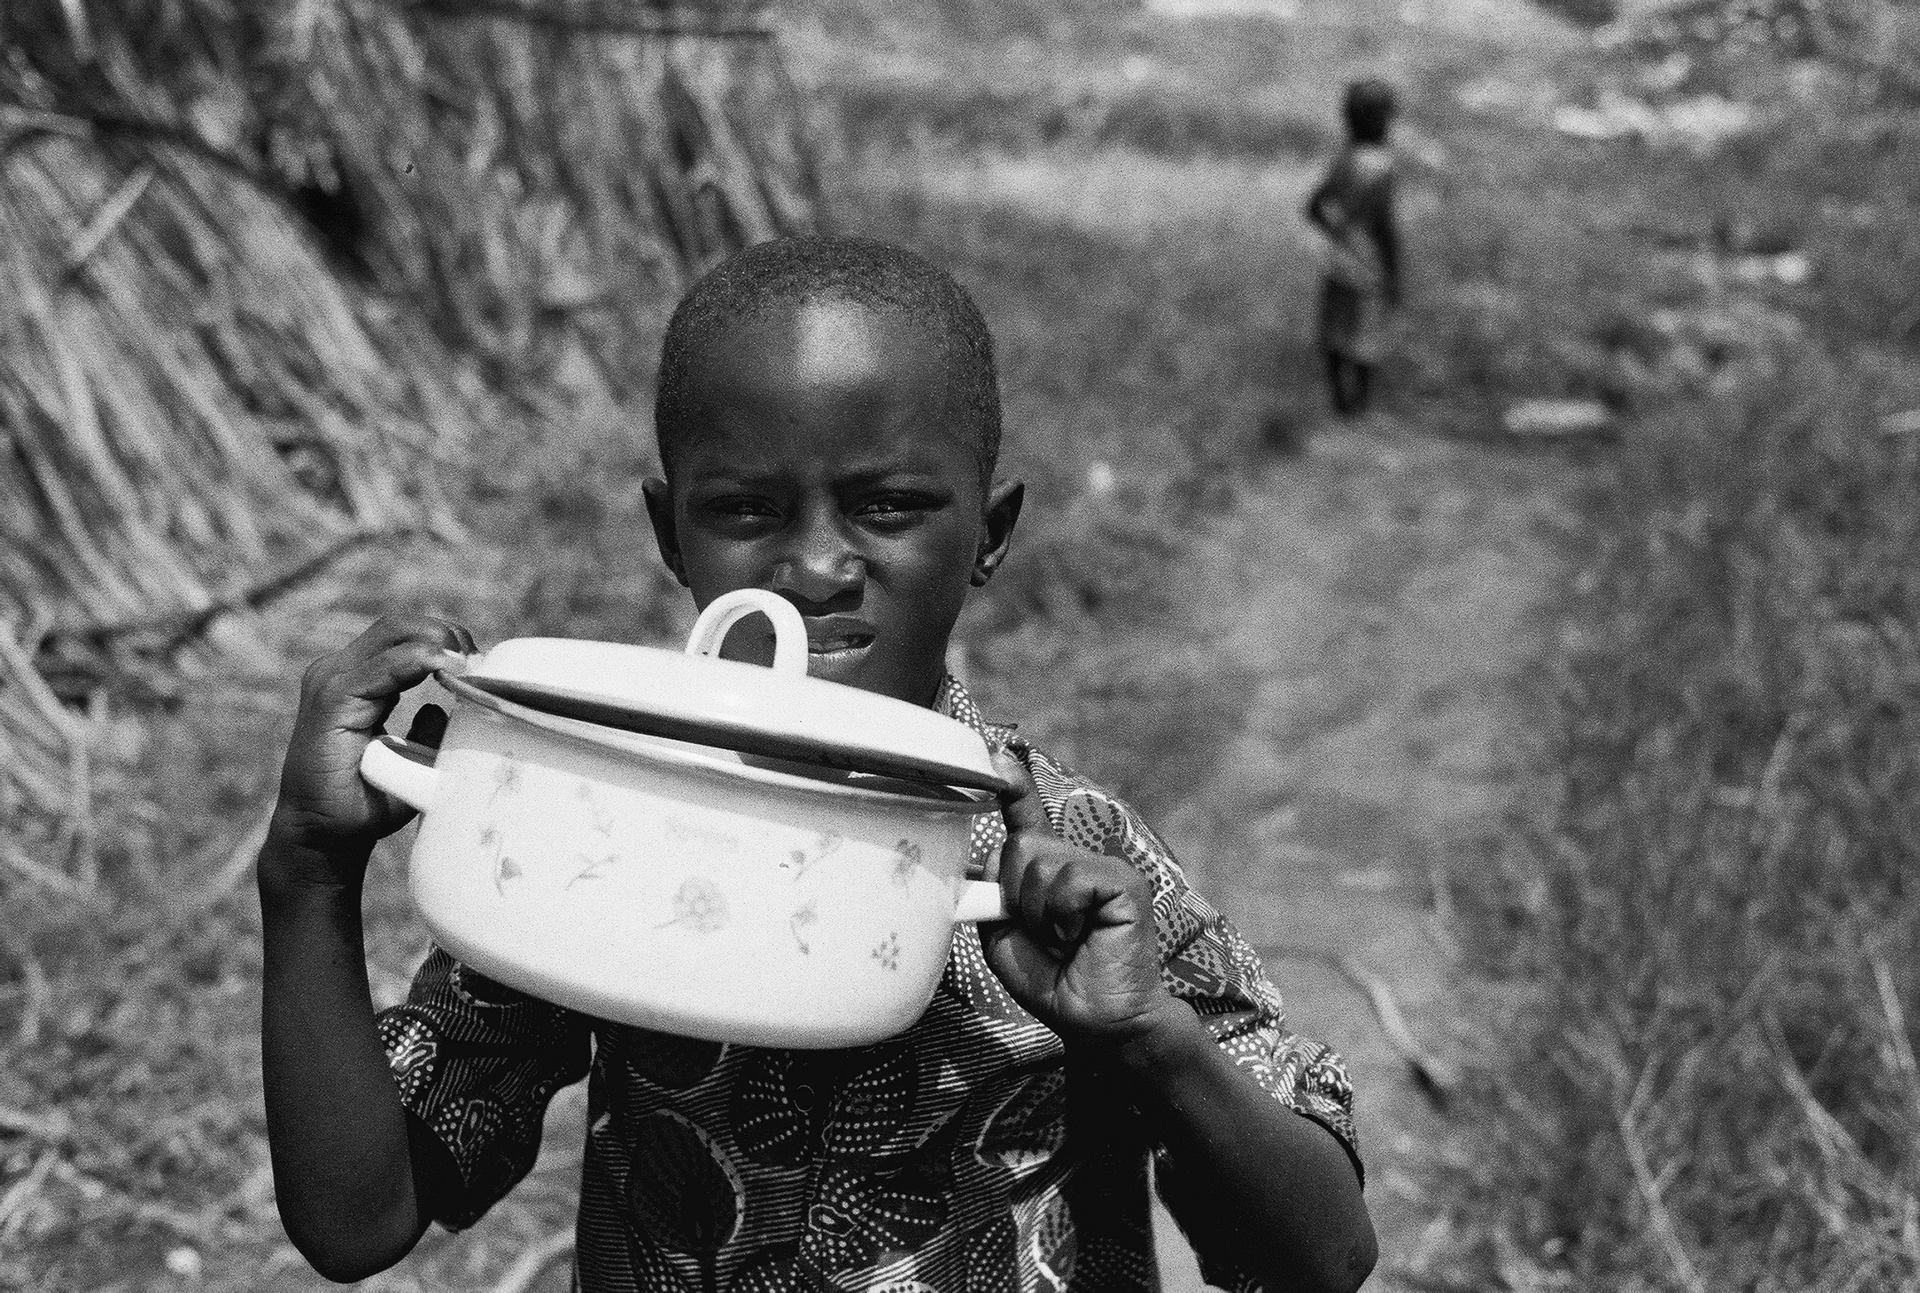 L'enfant et la marmite, Pikine, Senegal. 2005